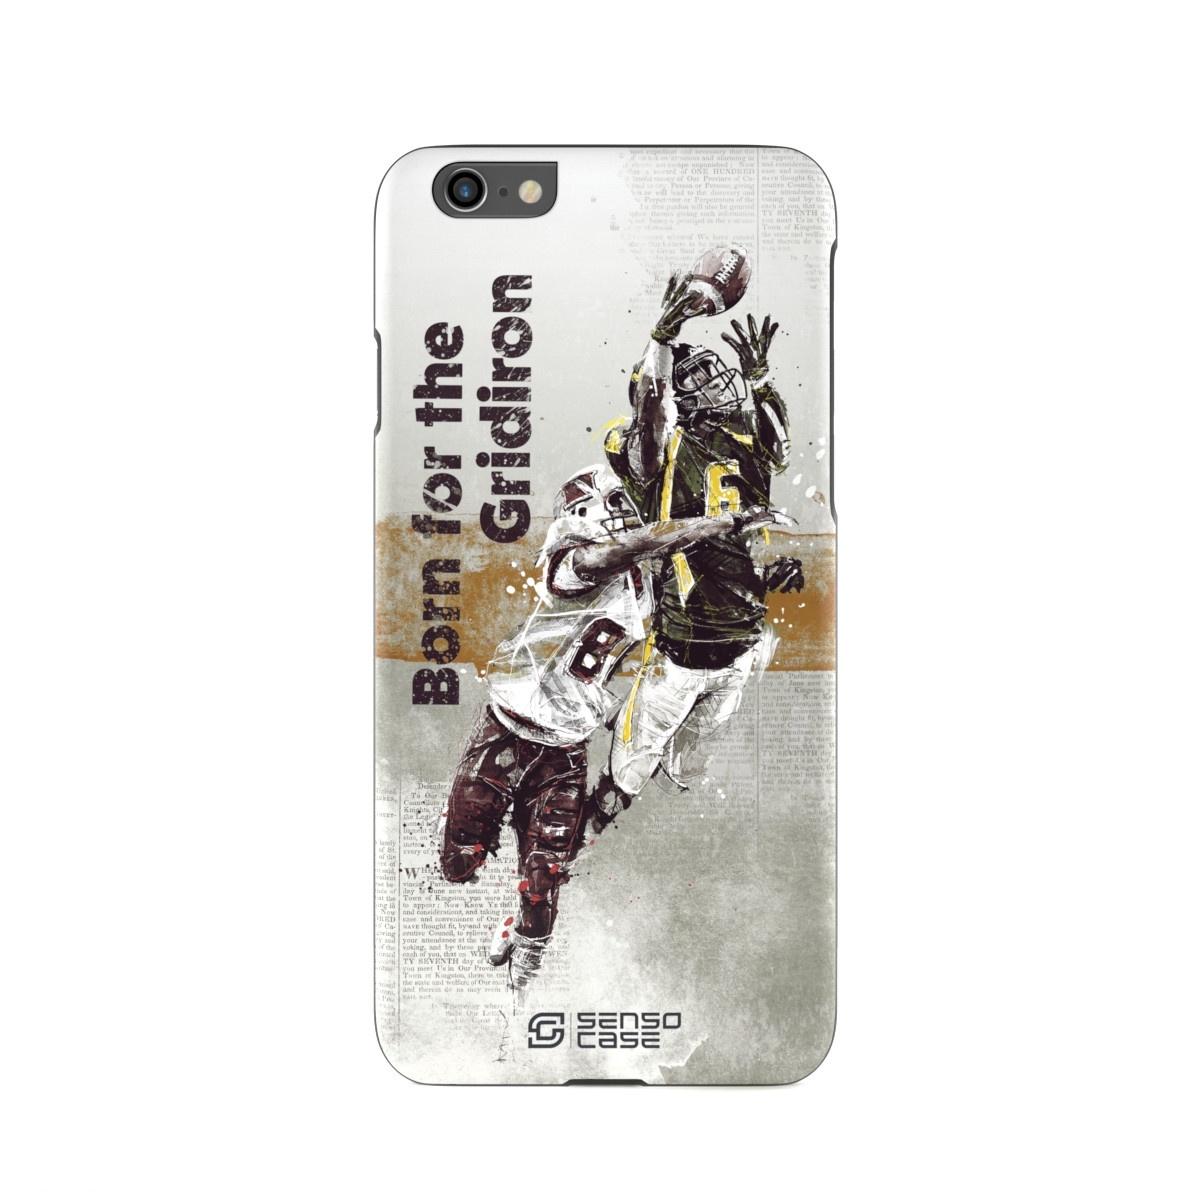 """Чехол для сотового телефона SensoCase iPhone 6/6s """"Американский футбол"""" , SC-IP6-football + защитное стекло в подарок, 100055"""